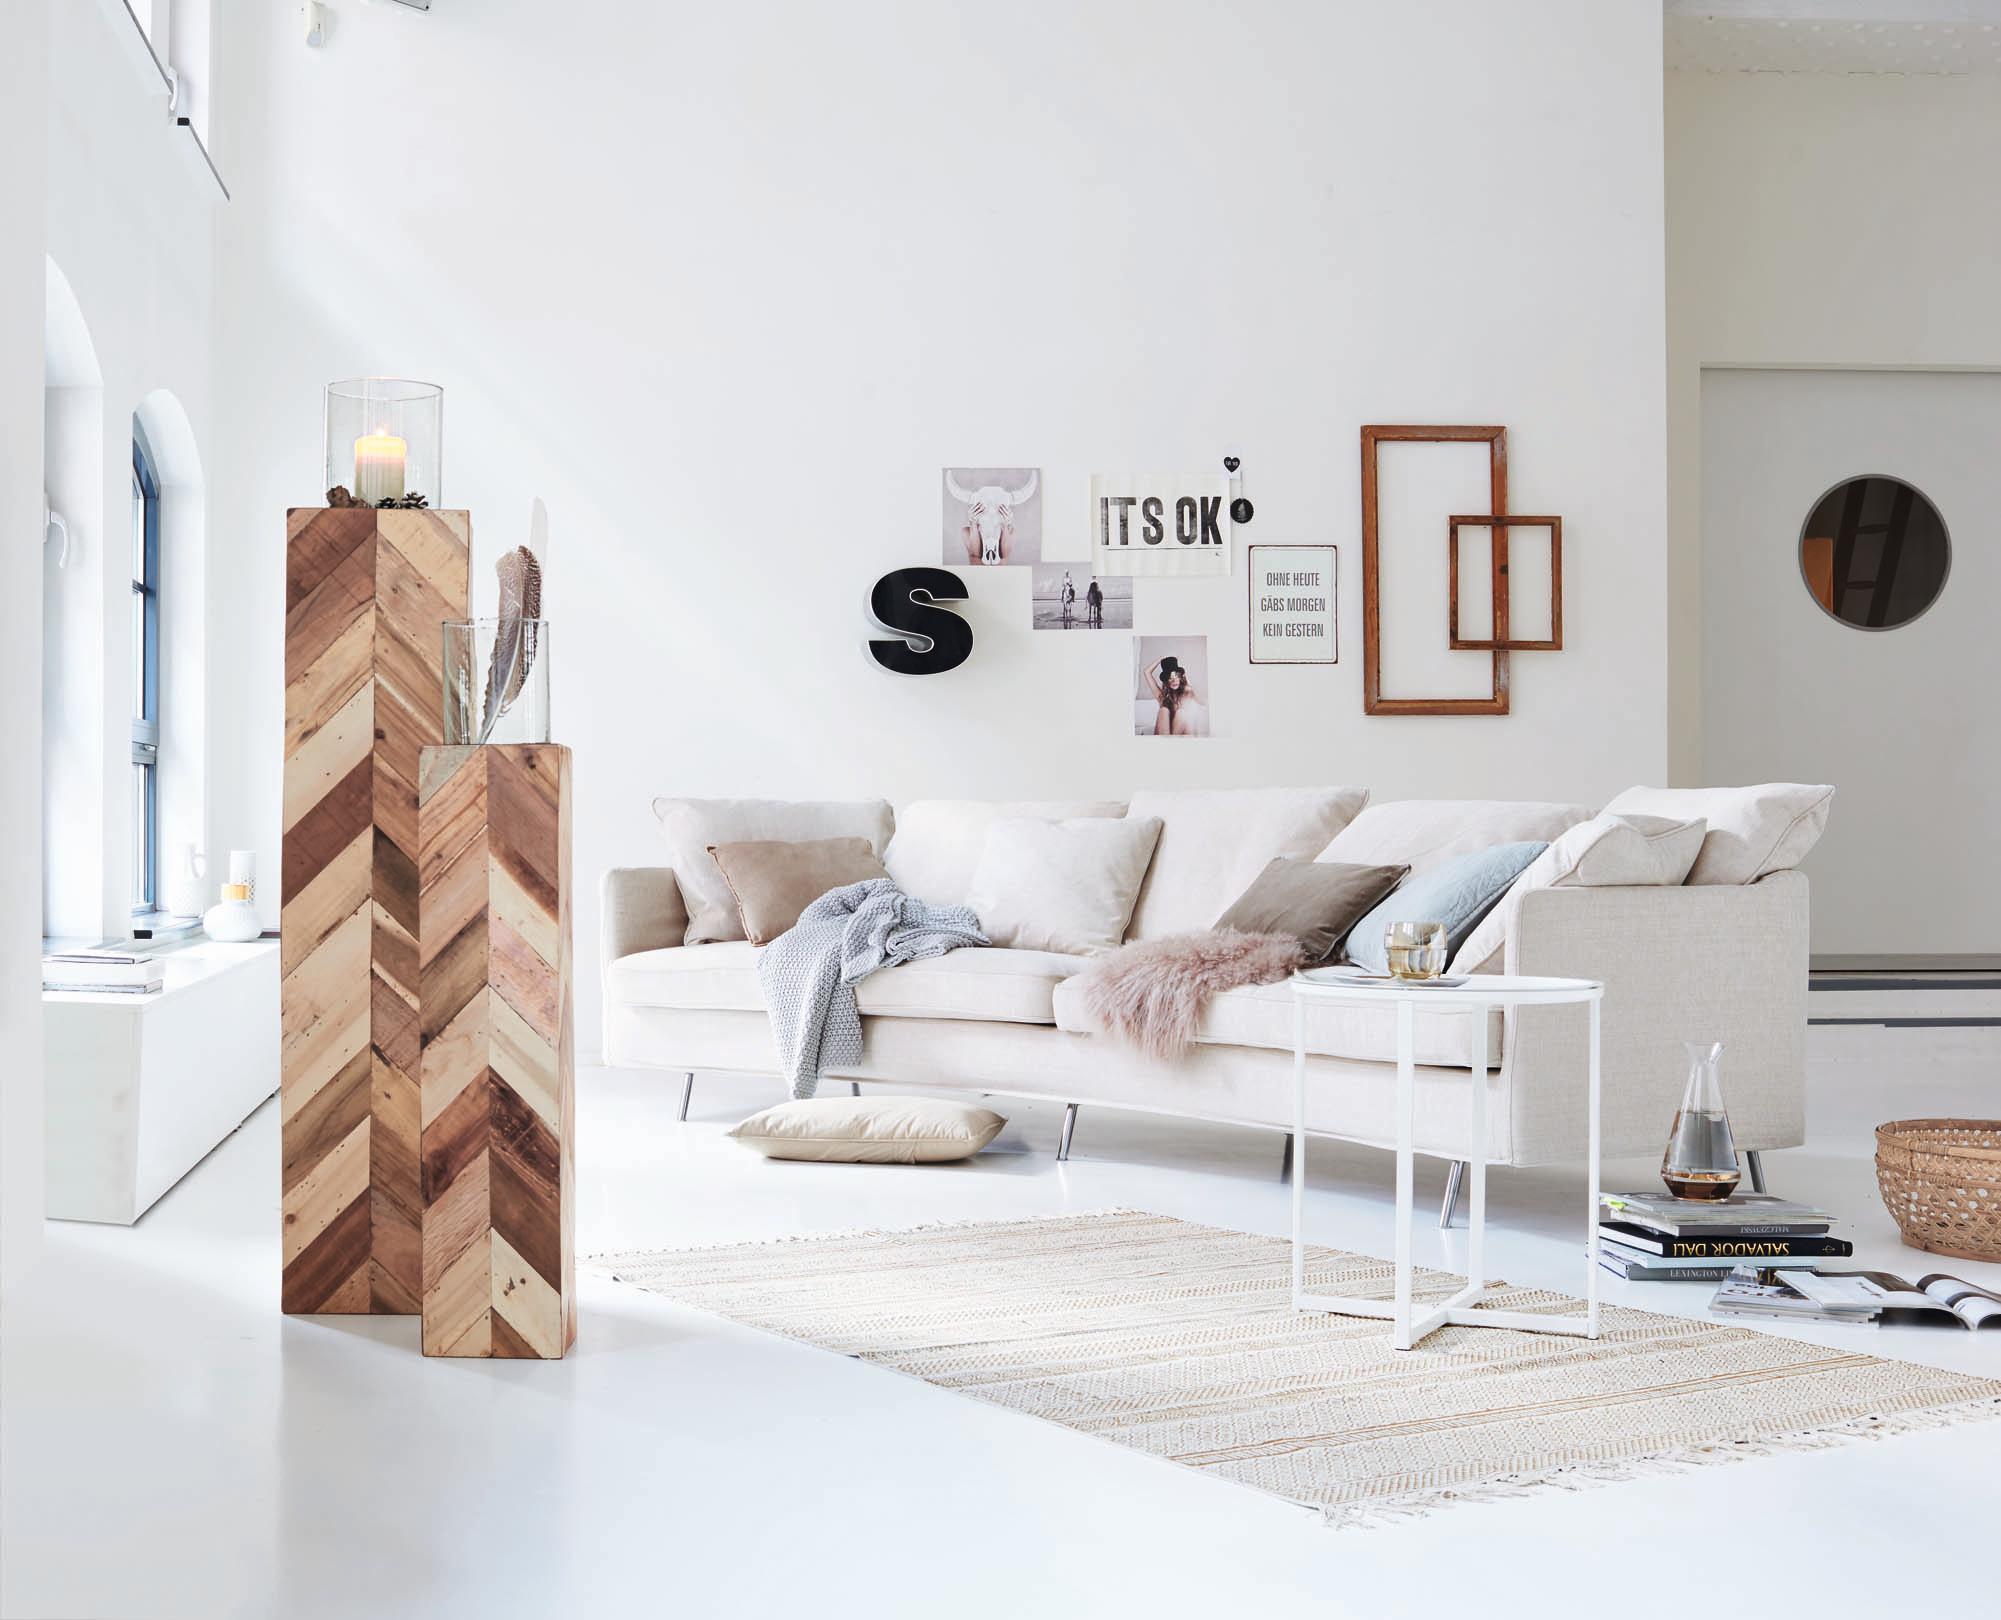 Schön Außergewöhnliche Wandgestaltung #beistelltisch #teppich #wohnzimmer  #bilderrahmen #wandgestaltung #tagesdecke #zimmergestaltung